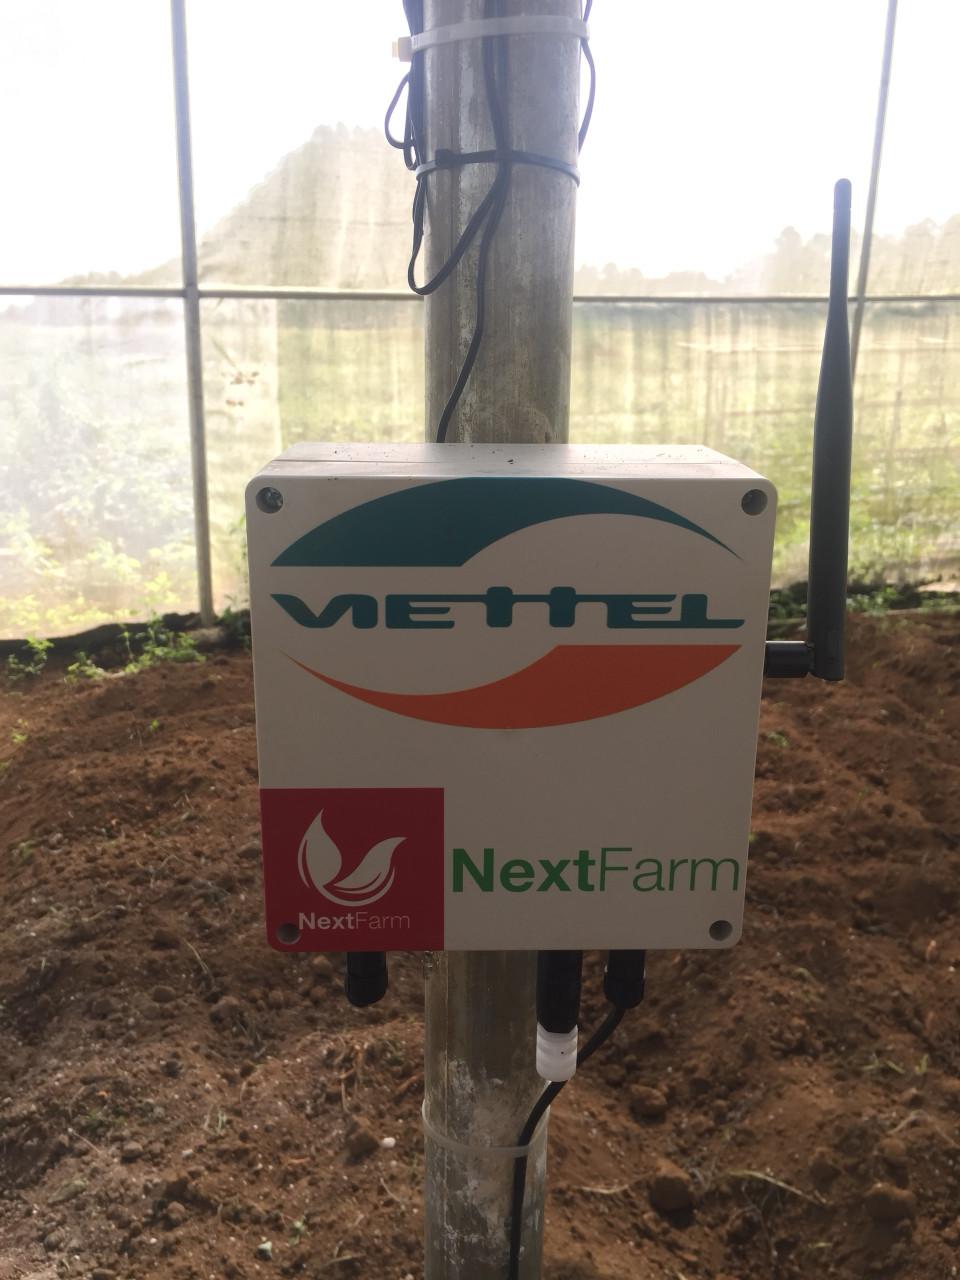 Cùng Tập đoàn Viettel triển khai Giải pháp Nông nghiệp thông minh Nextfarm cho Khu Nông nghiệp công nghệ cao tỉnh Hà Giang